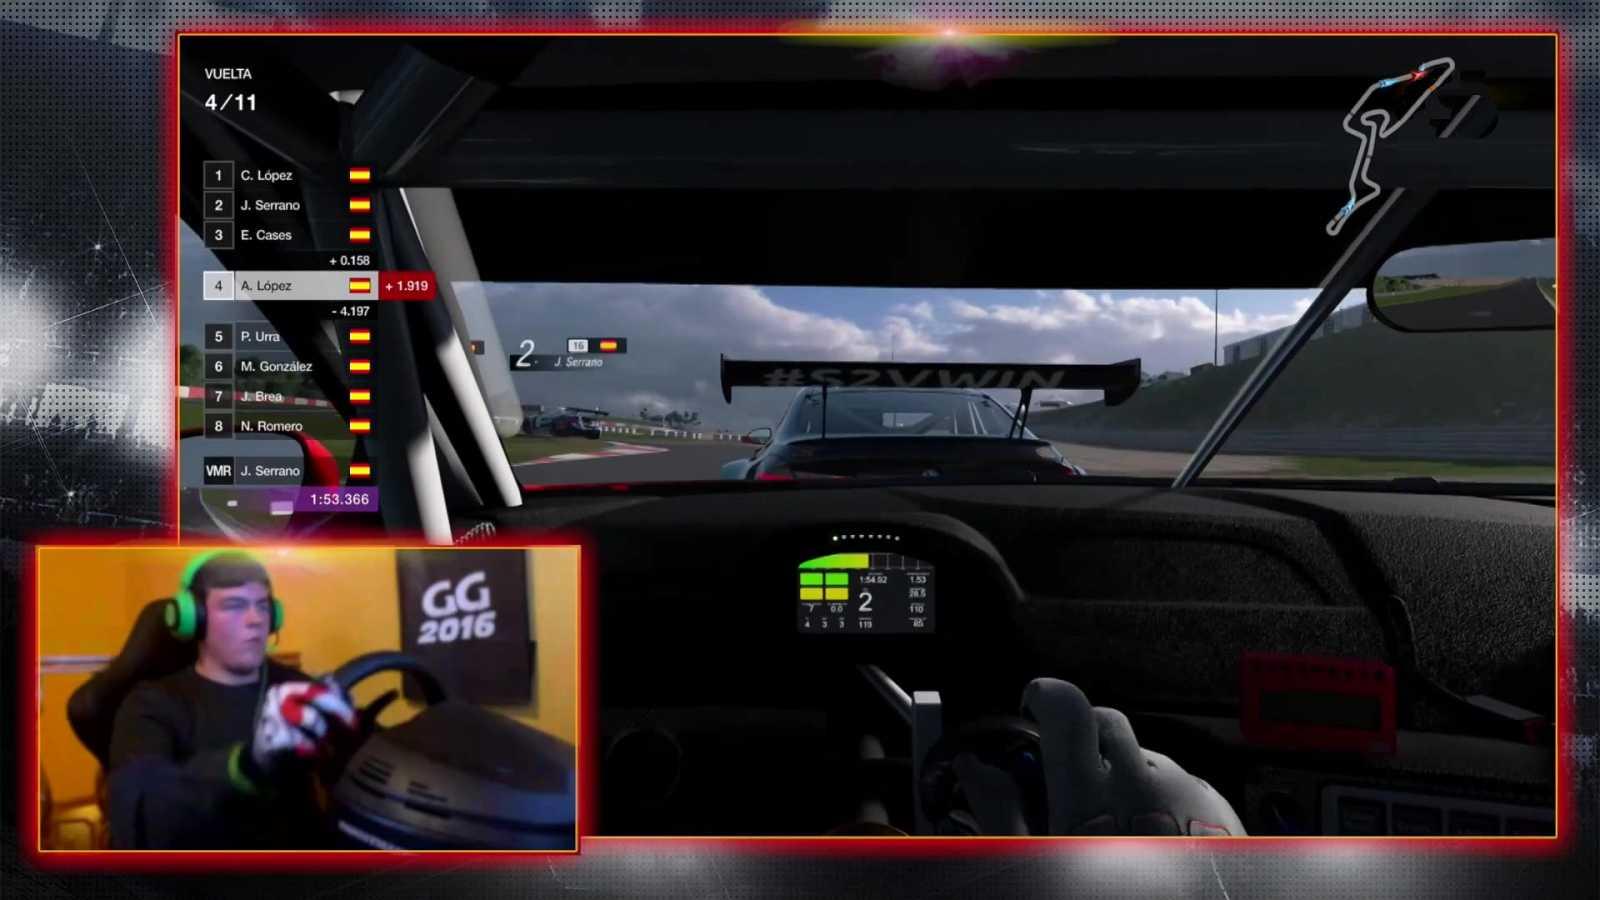 Automovilismo virtual - Campeonato de España Gran Turismo: Gran Premio 4 - ver ahora